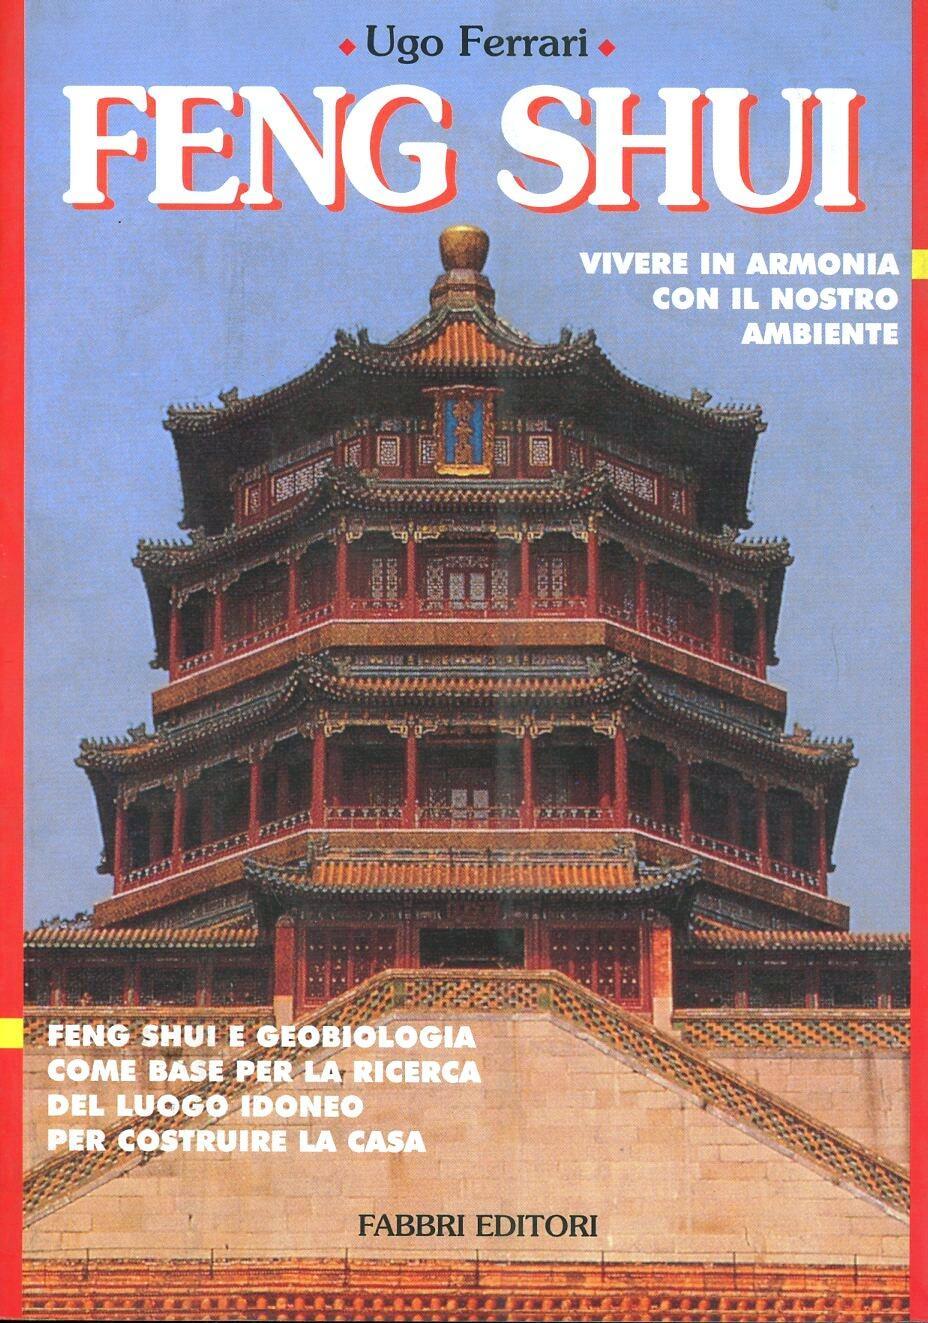 Feng shui ugo ferrari libro fabbri biblioteca - Feng shui libro ...